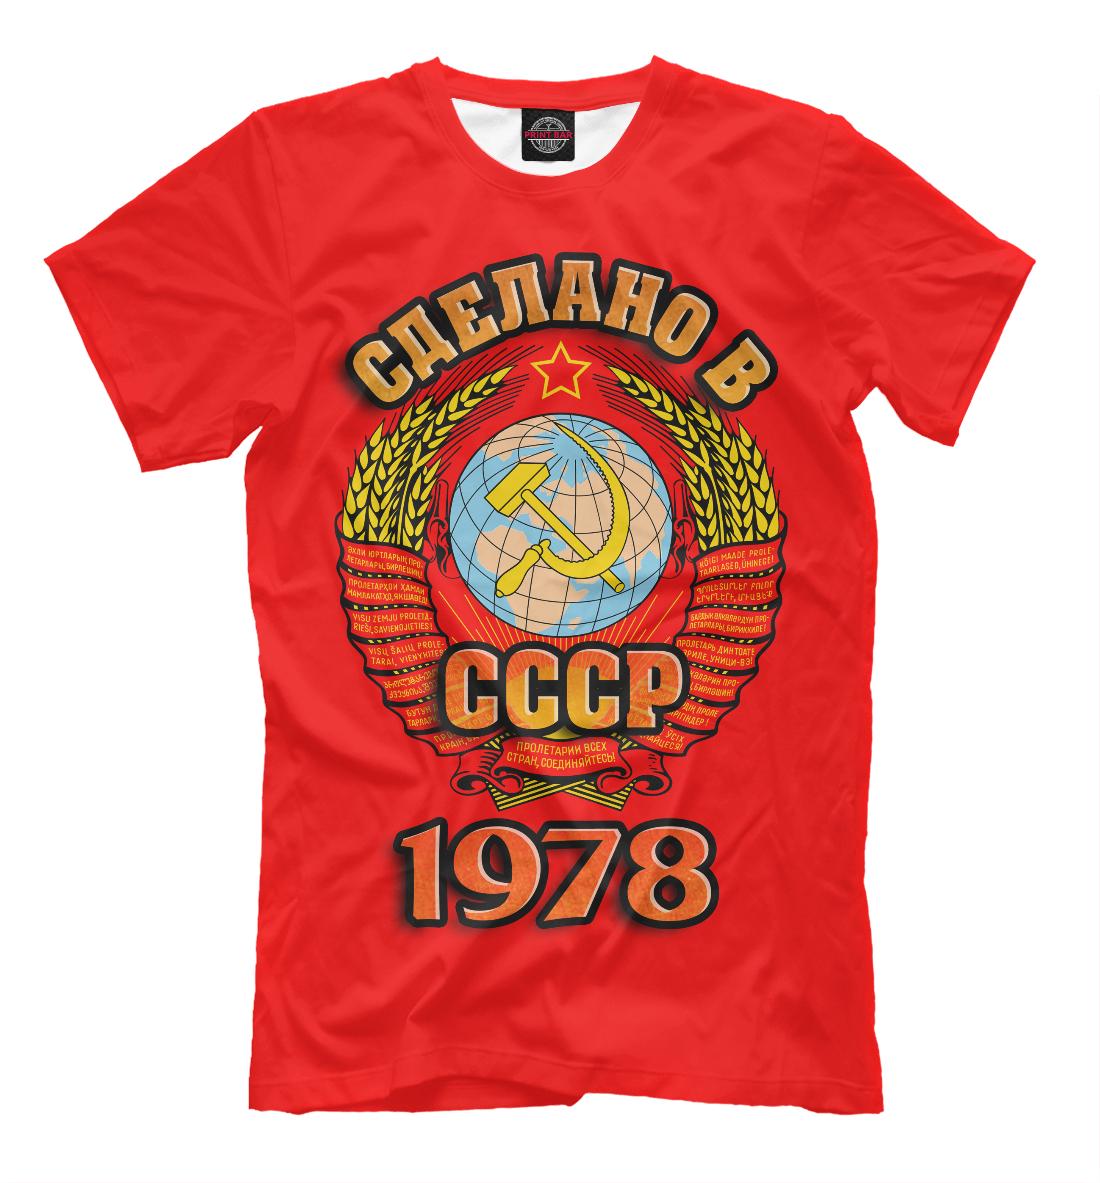 Купить Сделано в 1978, Printbar, Футболки, DSV-937097-fut-2